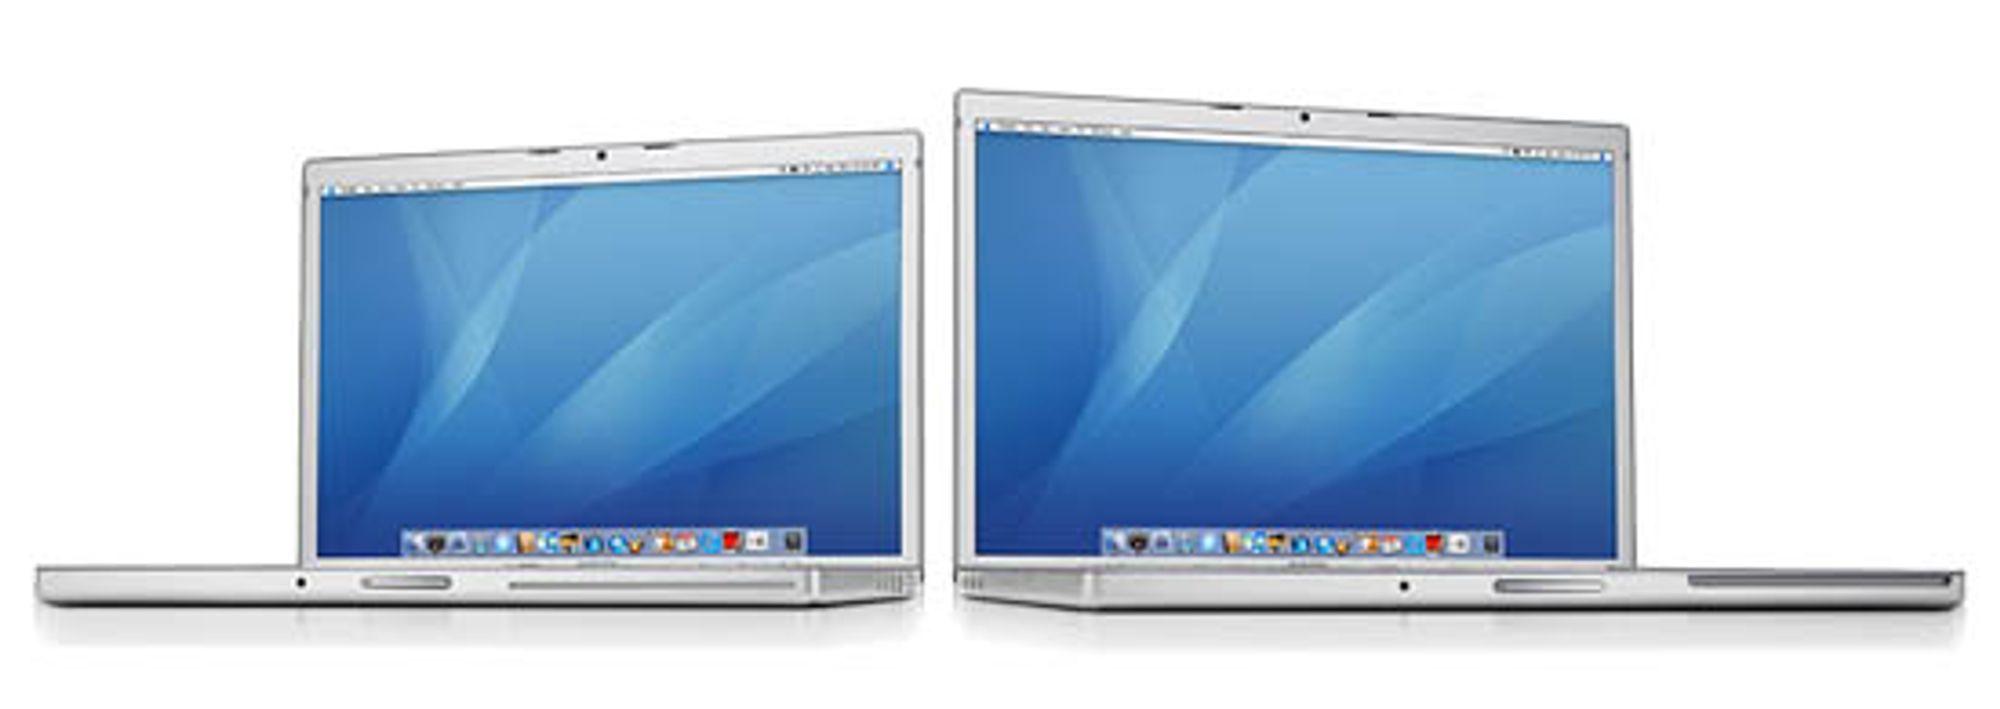 MacBook Pro først ut med Led-baklys?